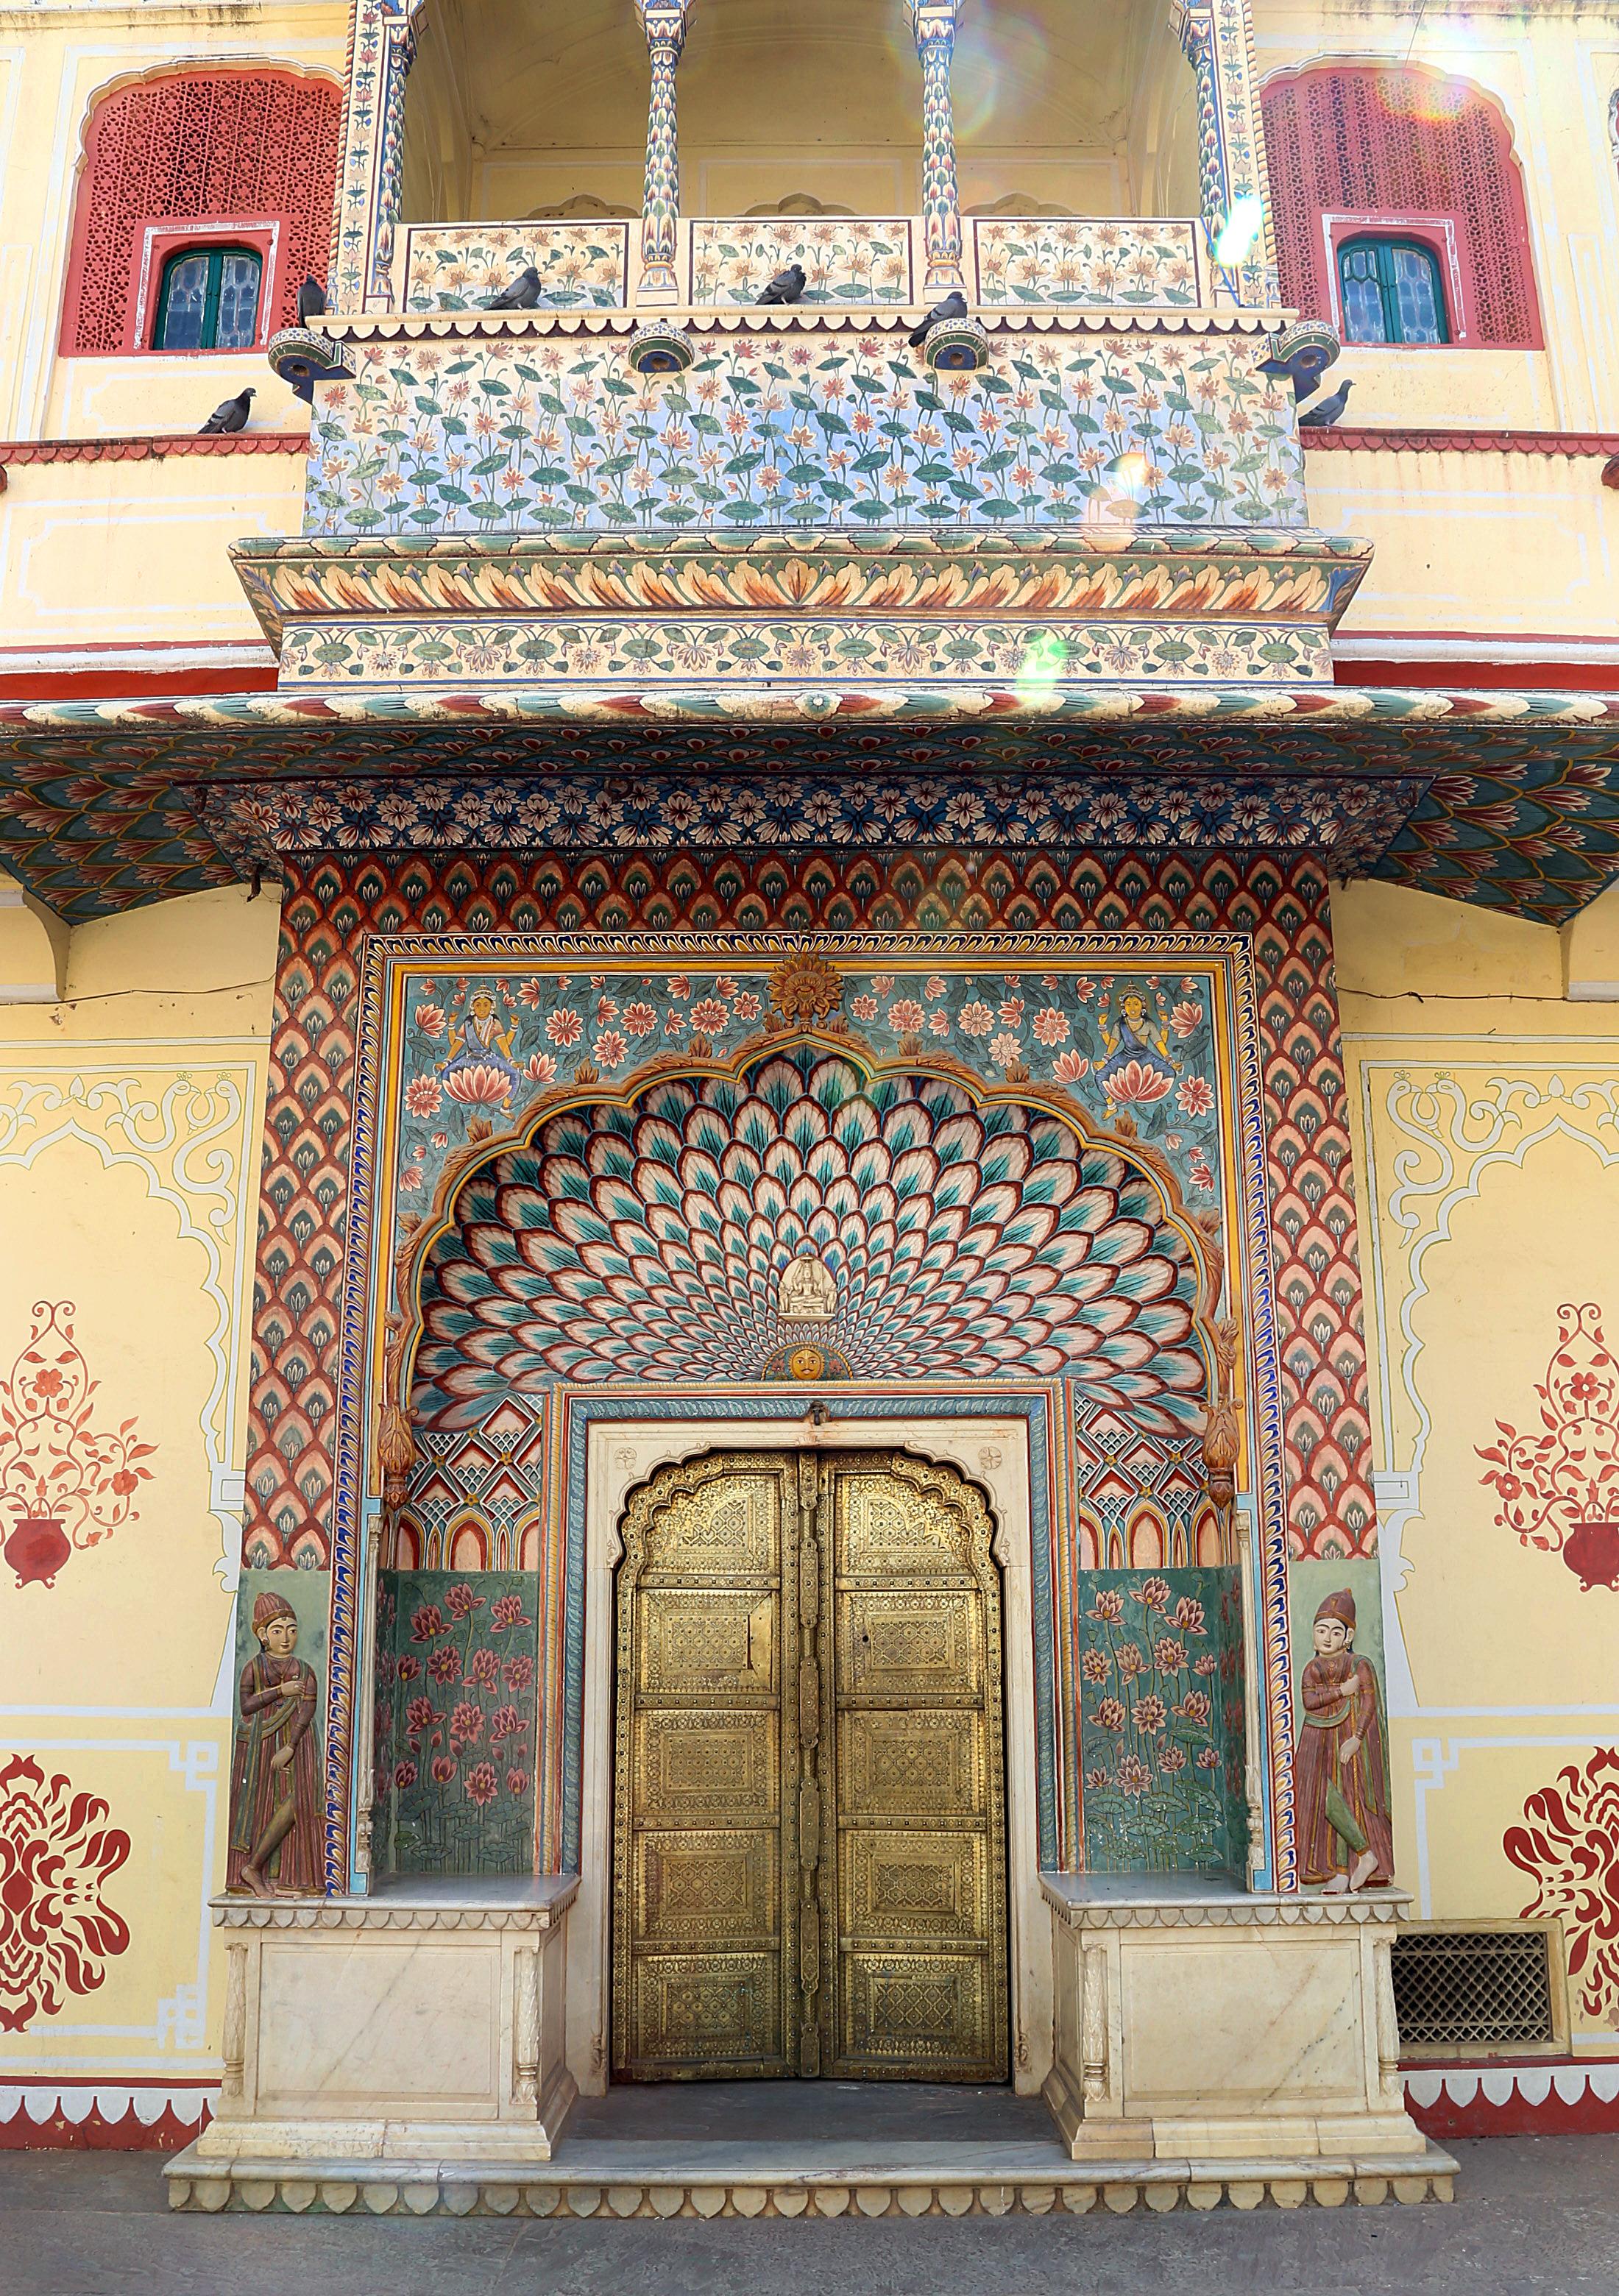 Palace doorway - Jaipur, India